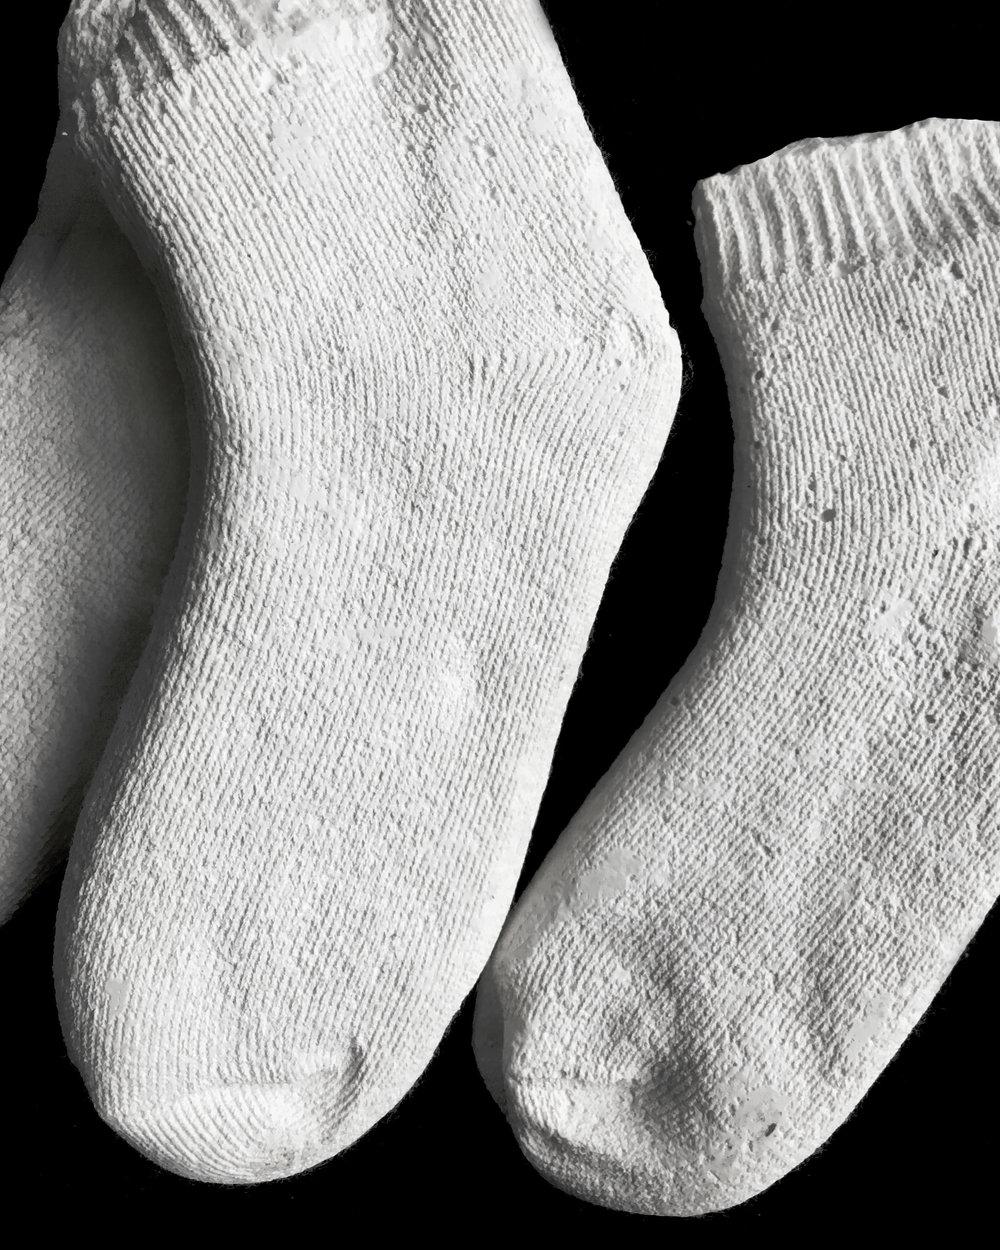 socks 1-1.jpg